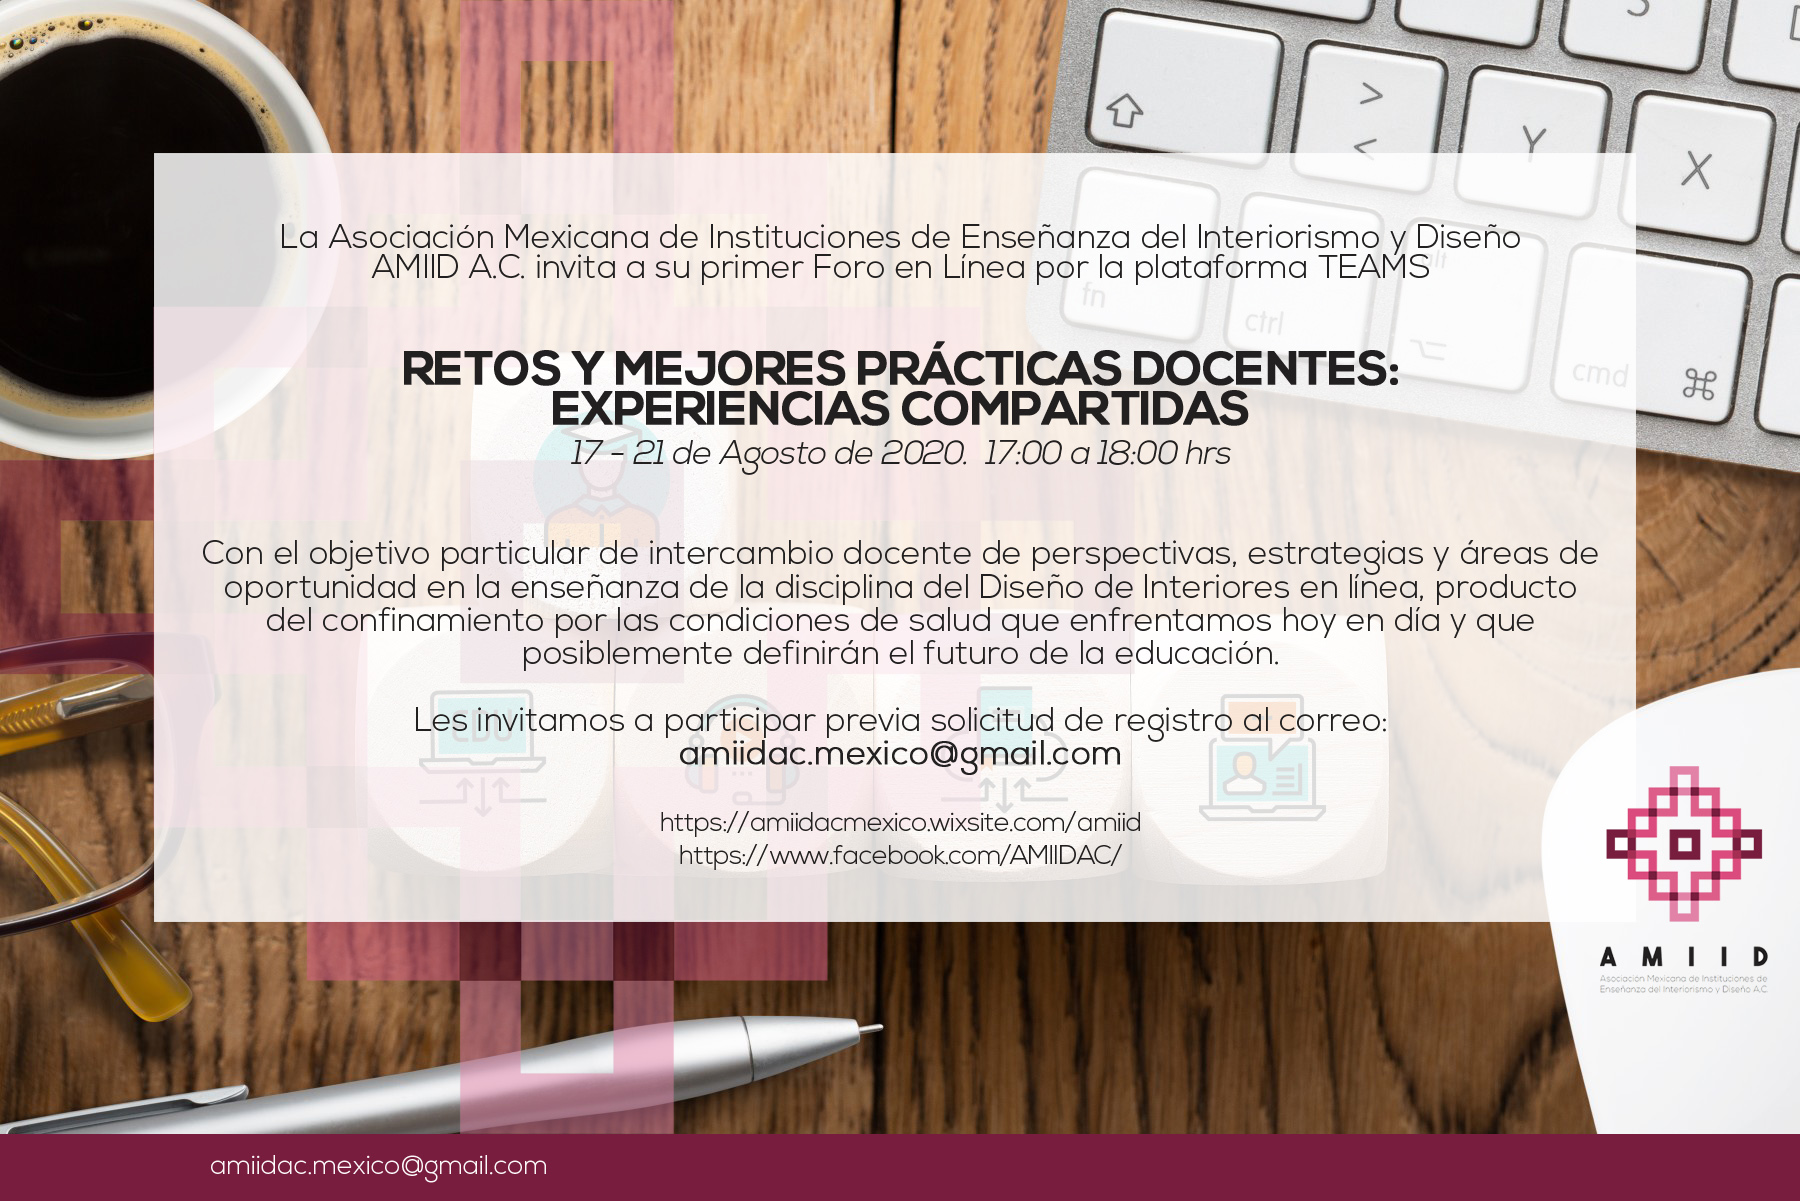 Retos y mejores prácticas docentes: experiencias compartidas. Organizado por la Asociación Mexicana de Instituciones de Enseñanza del Interiorismo y Diseño AMIID A.C.